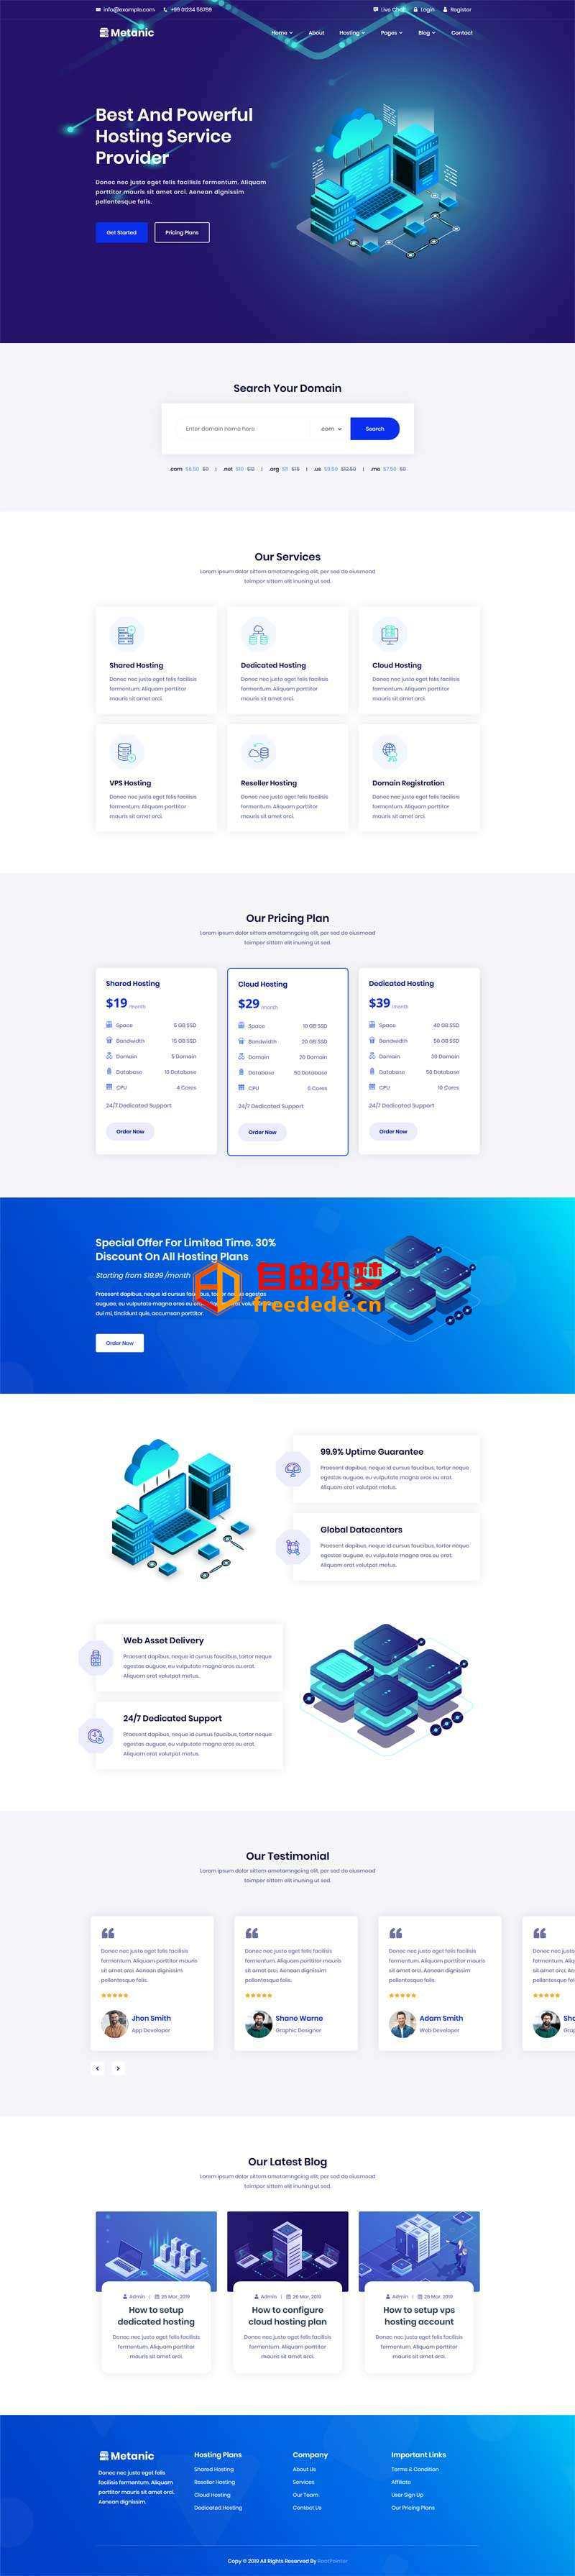 爱上源码网文章域名服务器托管公司官网HTML模板的内容插图